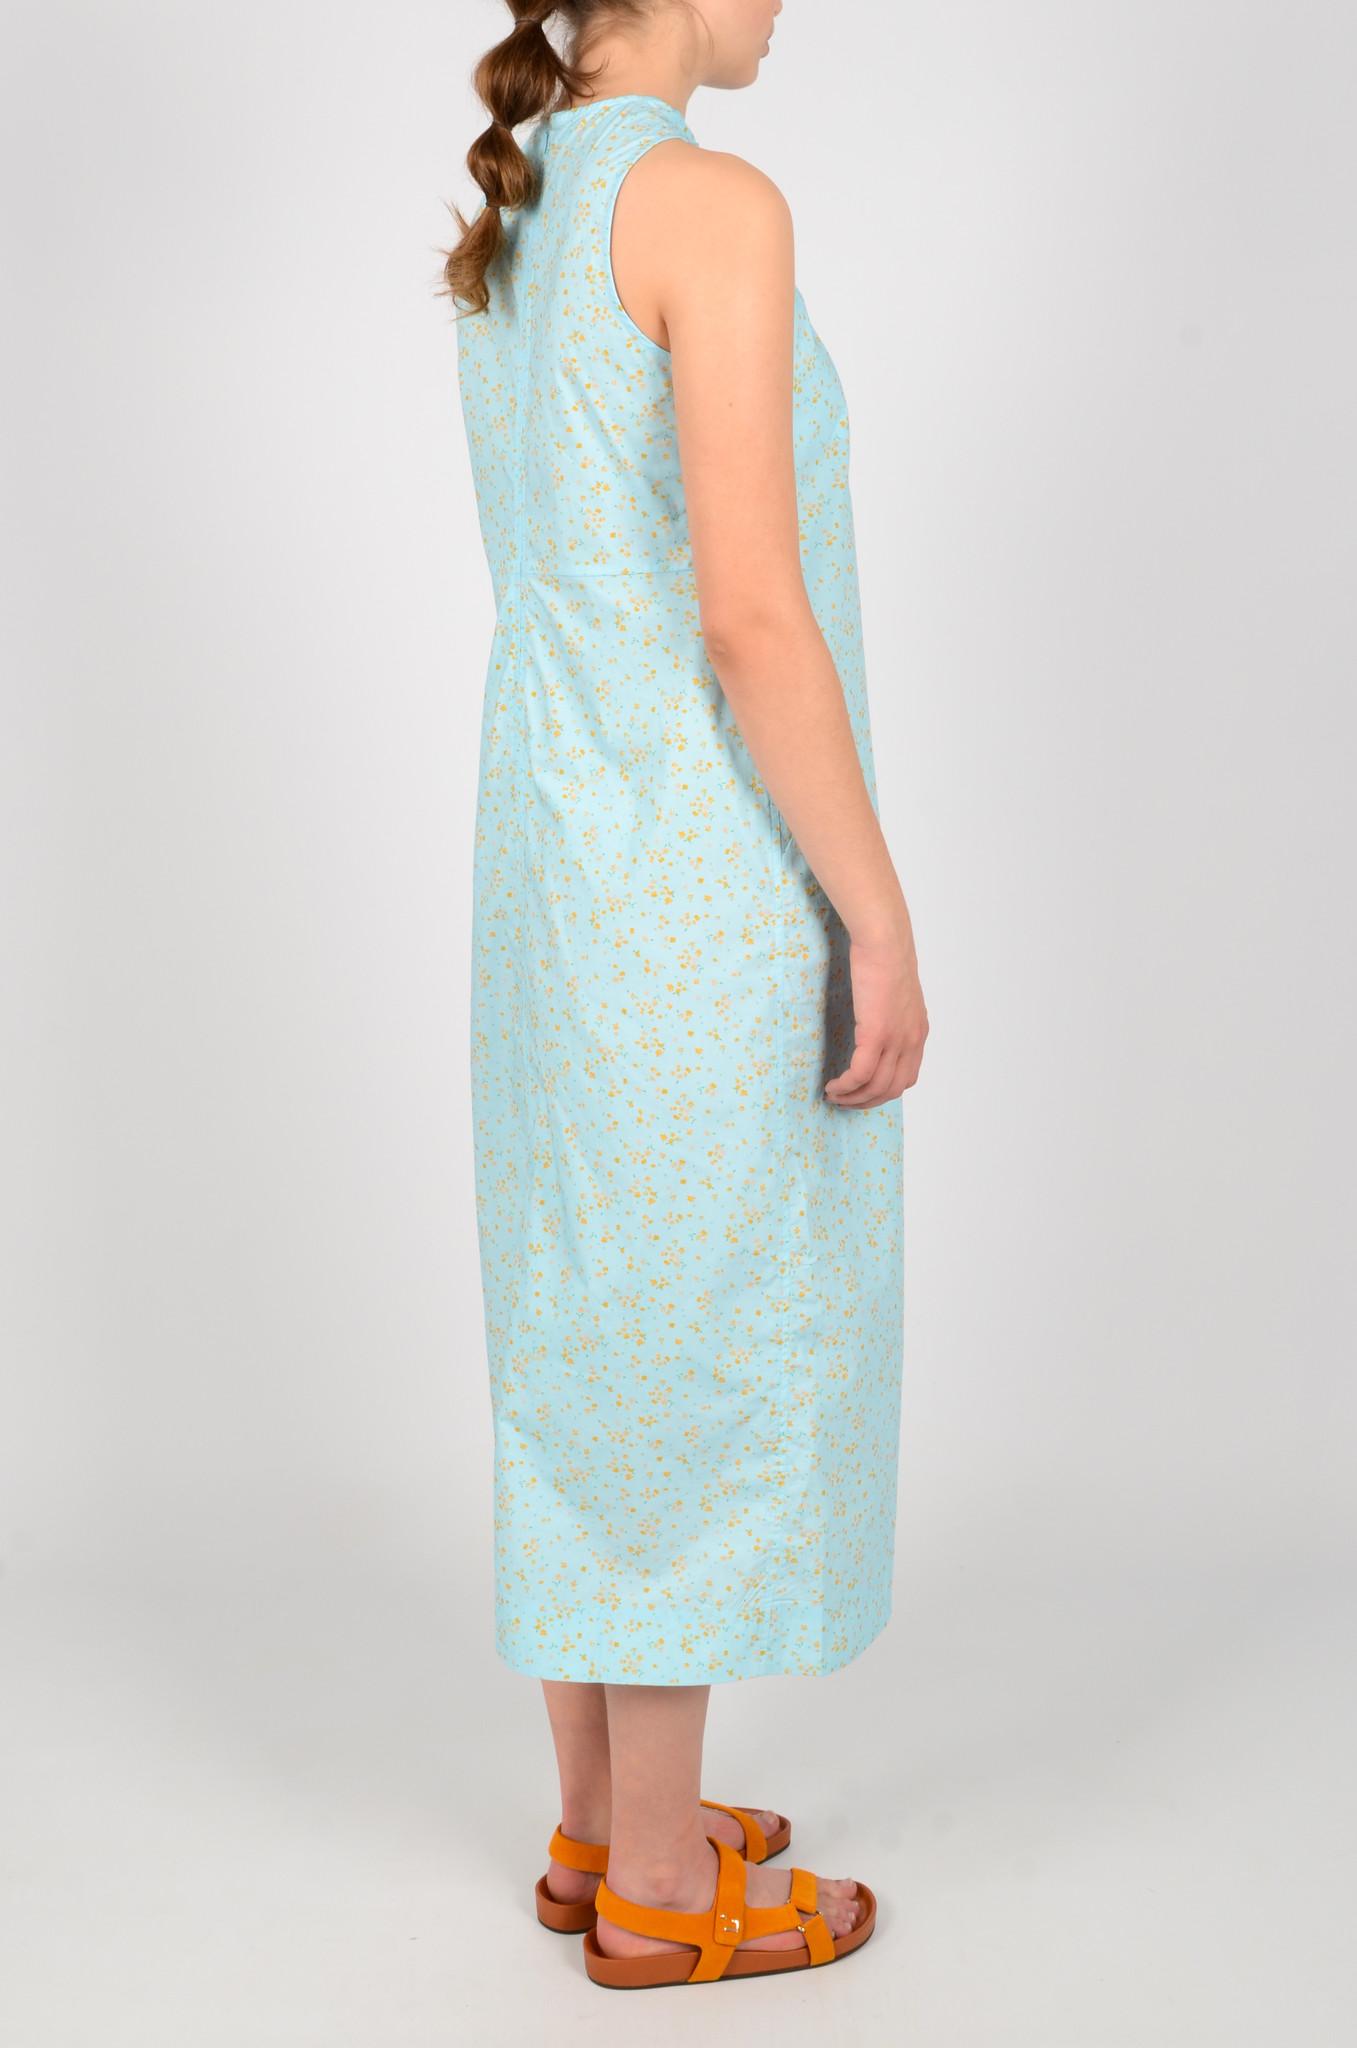 FLORAL HALTER NECK DRESS-4